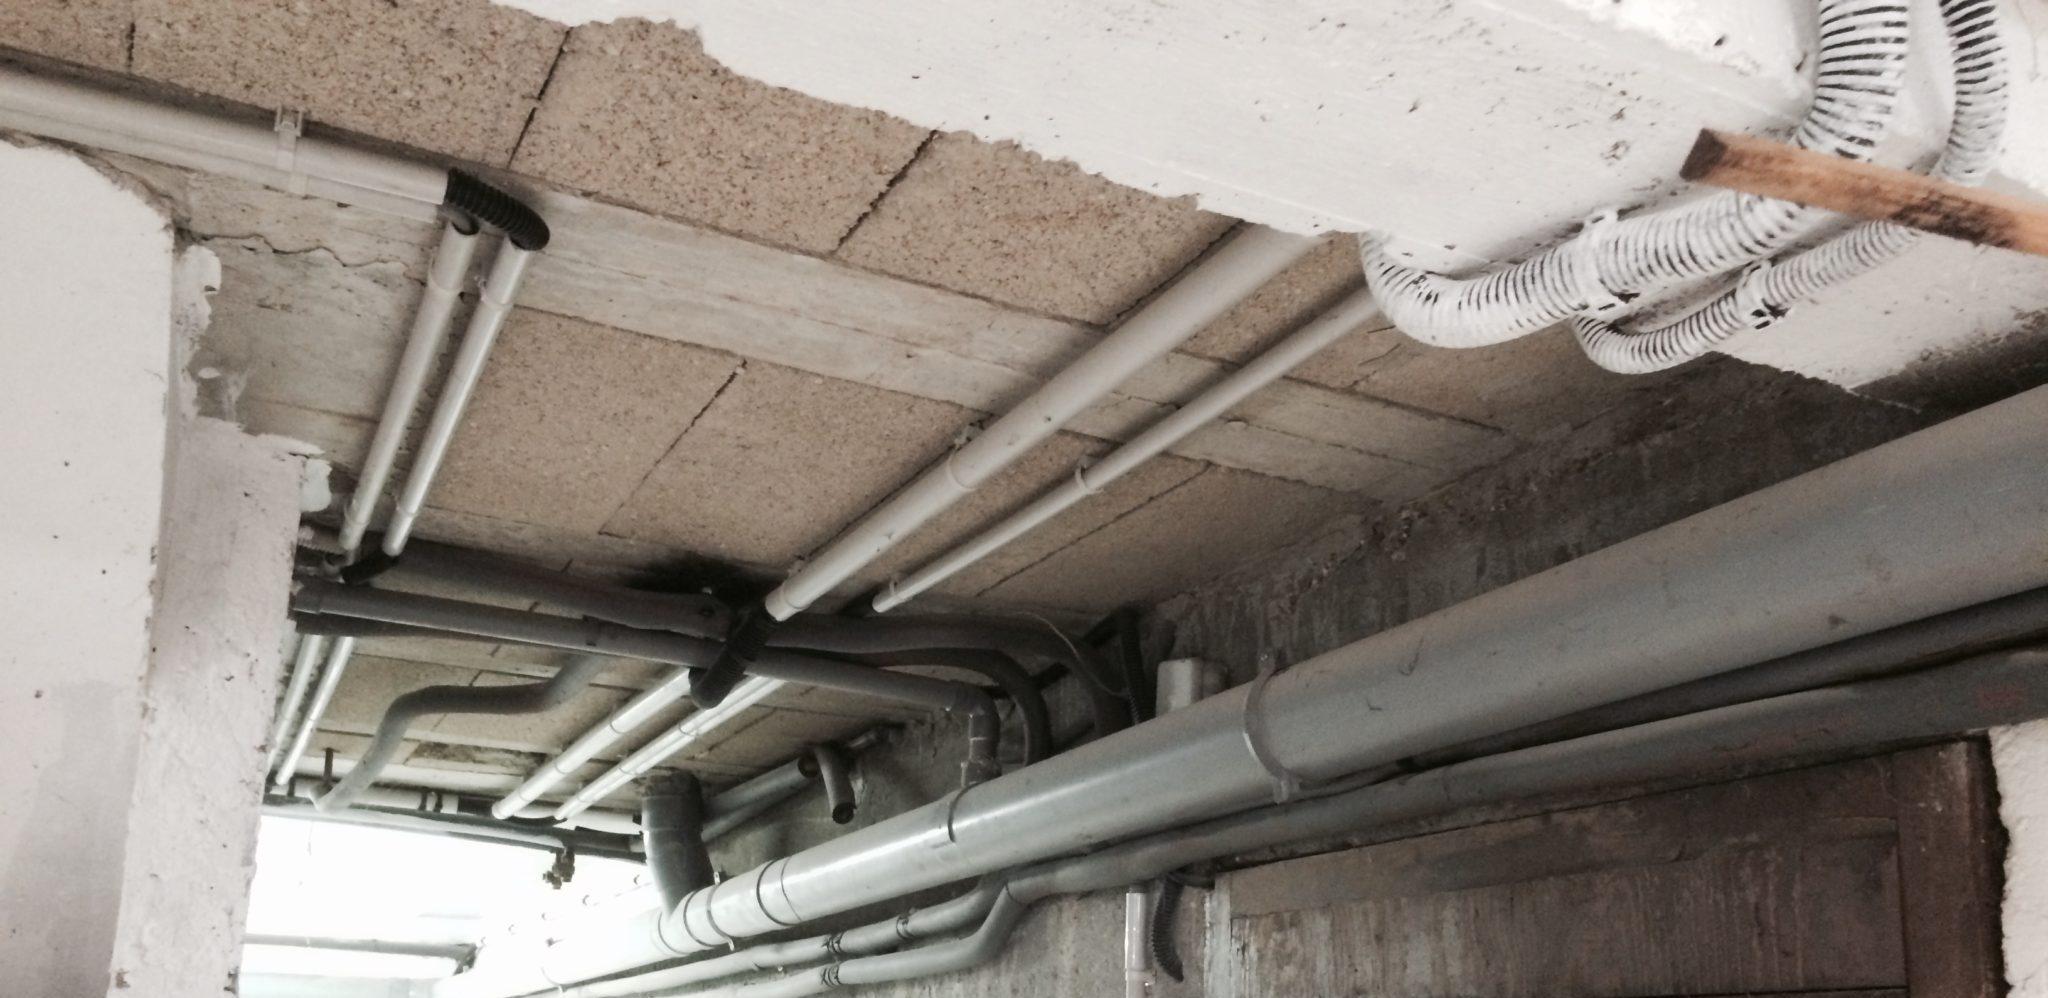 Isolation Plancher- Acoustique-Combles - Combles perdus - Isolation grenier - Isolation Thermique -Isolation Ecosouffle- Isolation écologique - Aides financières